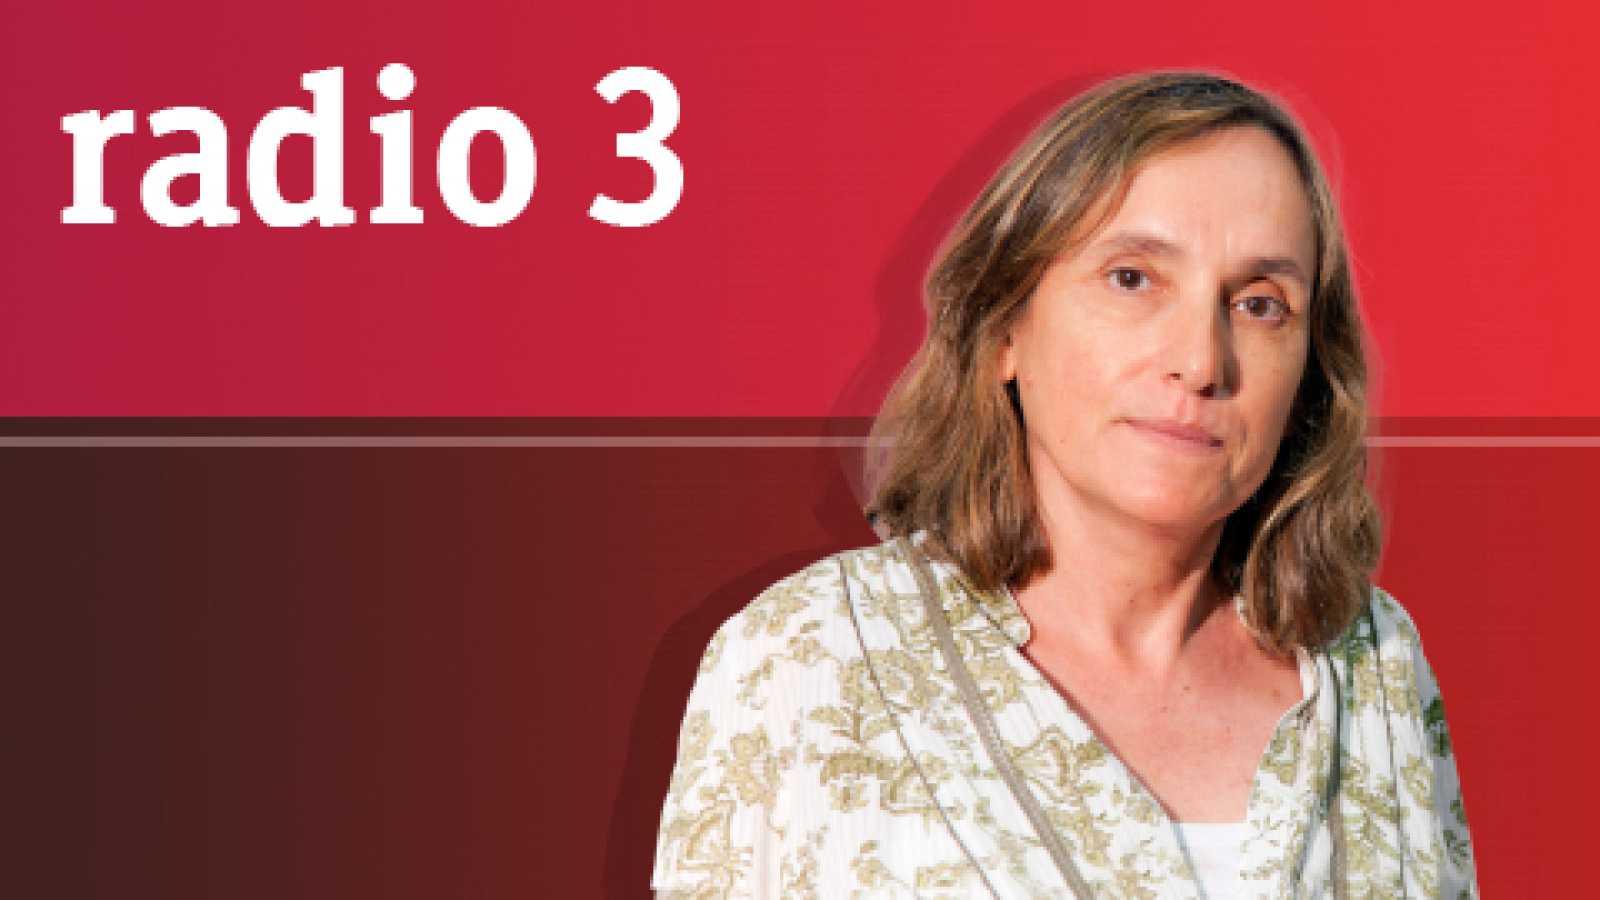 Tres en la carretera - Horror, cine y periodismo - 30/09/17 - escuchar ahora